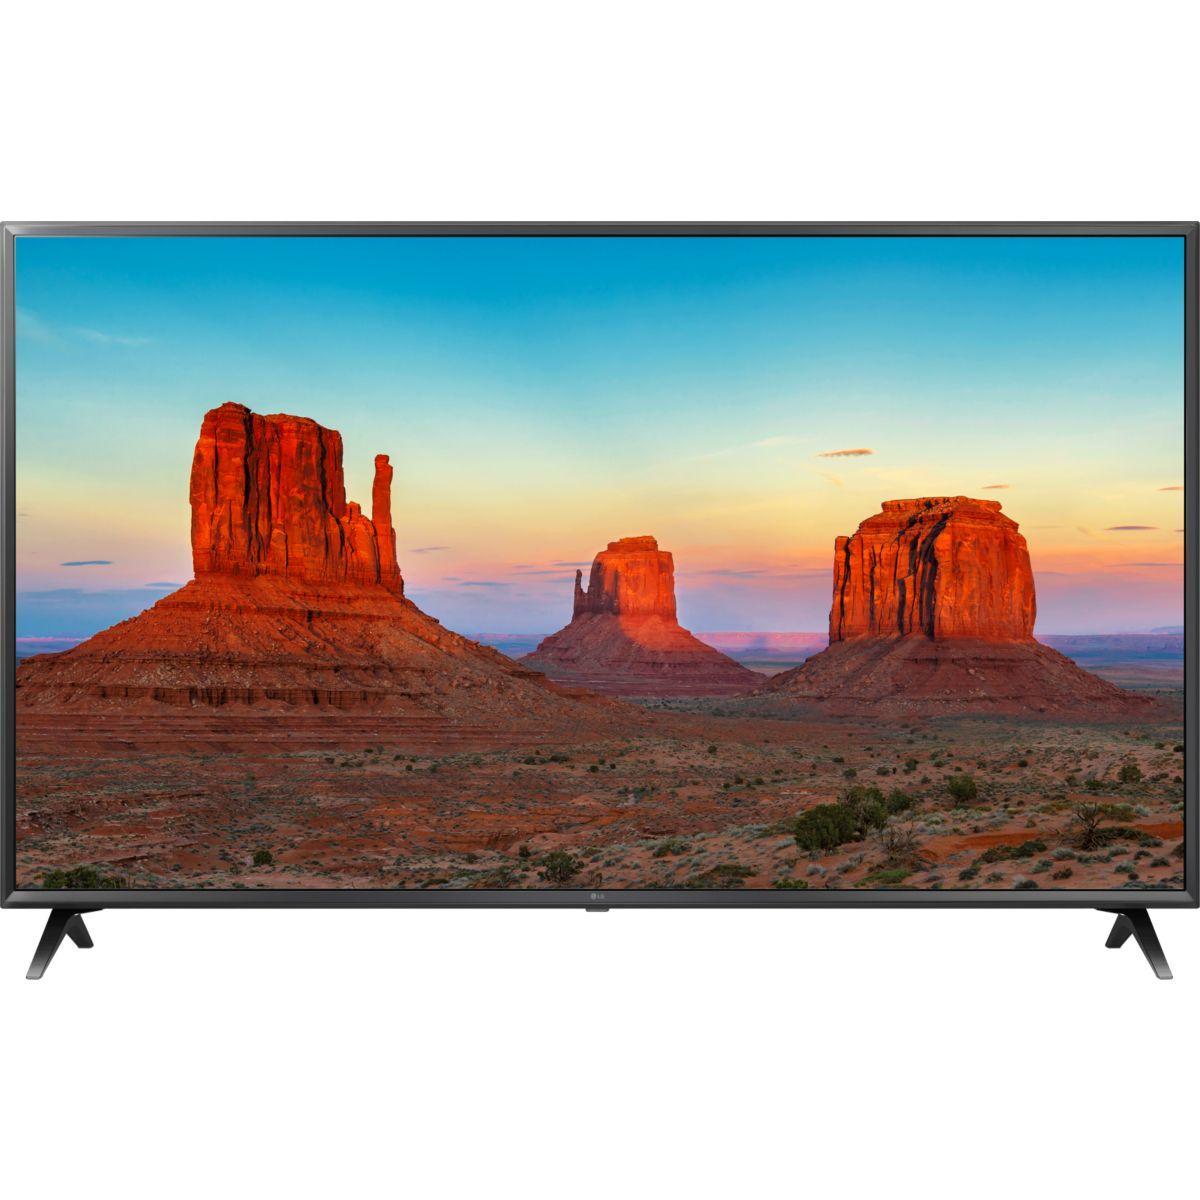 Tv led lg 50uk6300 (photo)